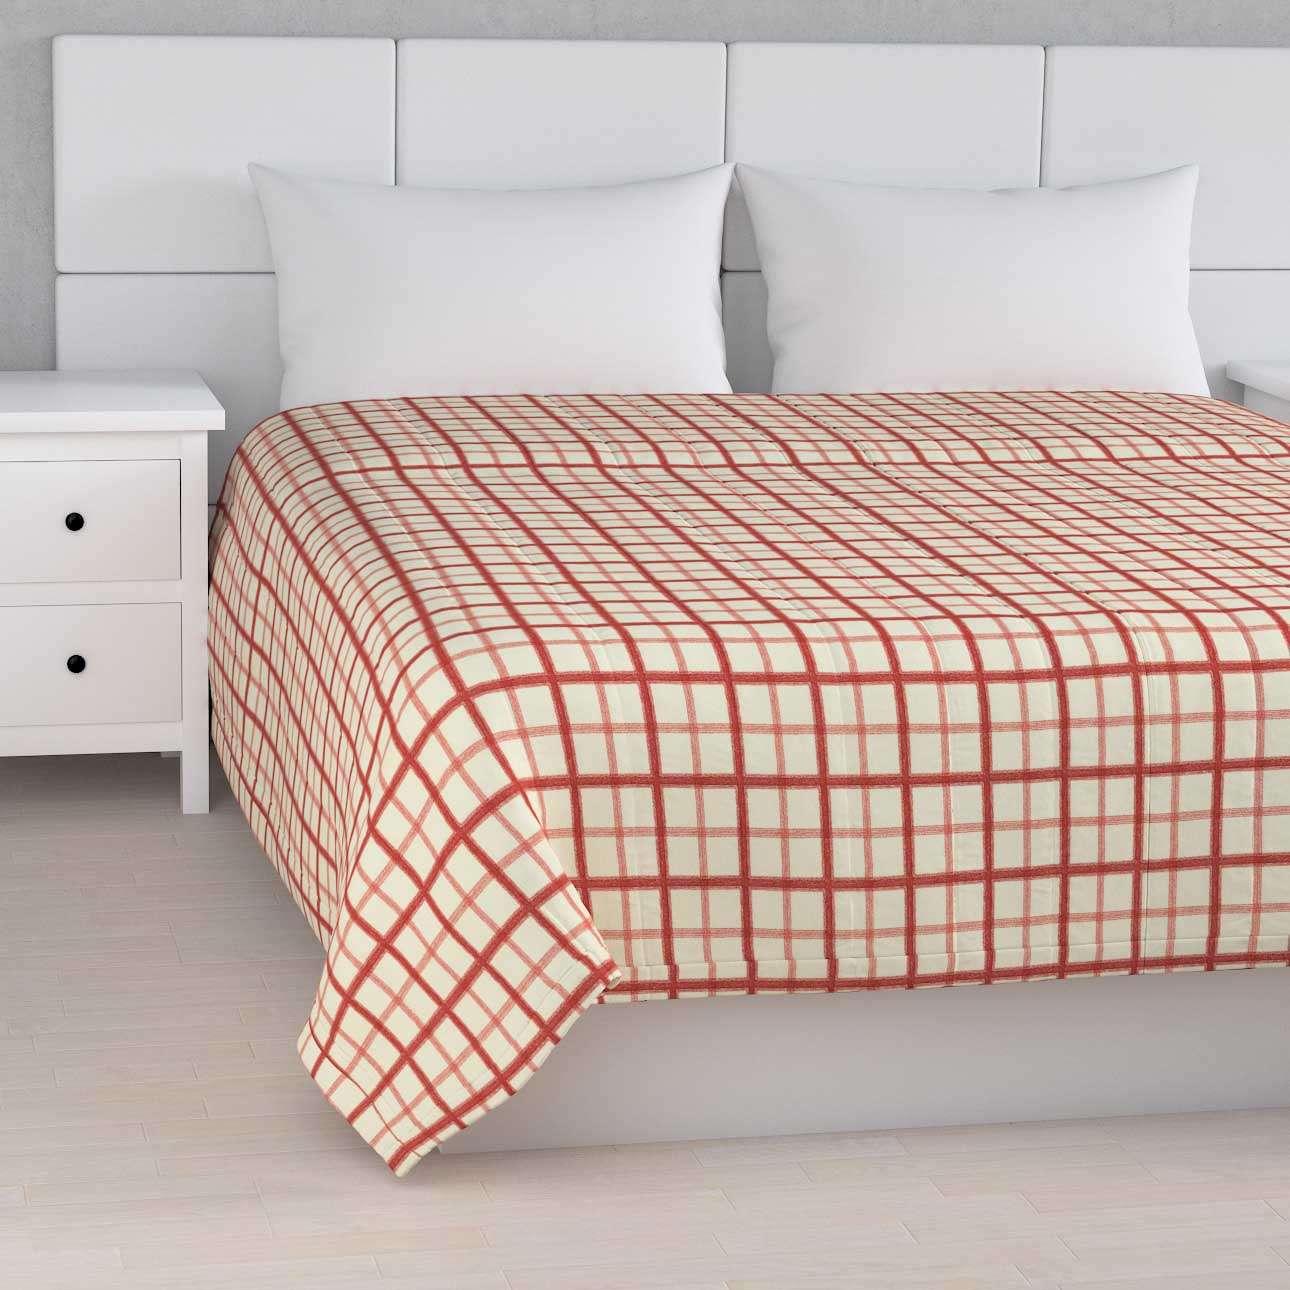 Sengetæppe quiltet<br/>10cm striber 120g/m 260 x 210 cm fra kollektionen Avinon, Stof: 131-15